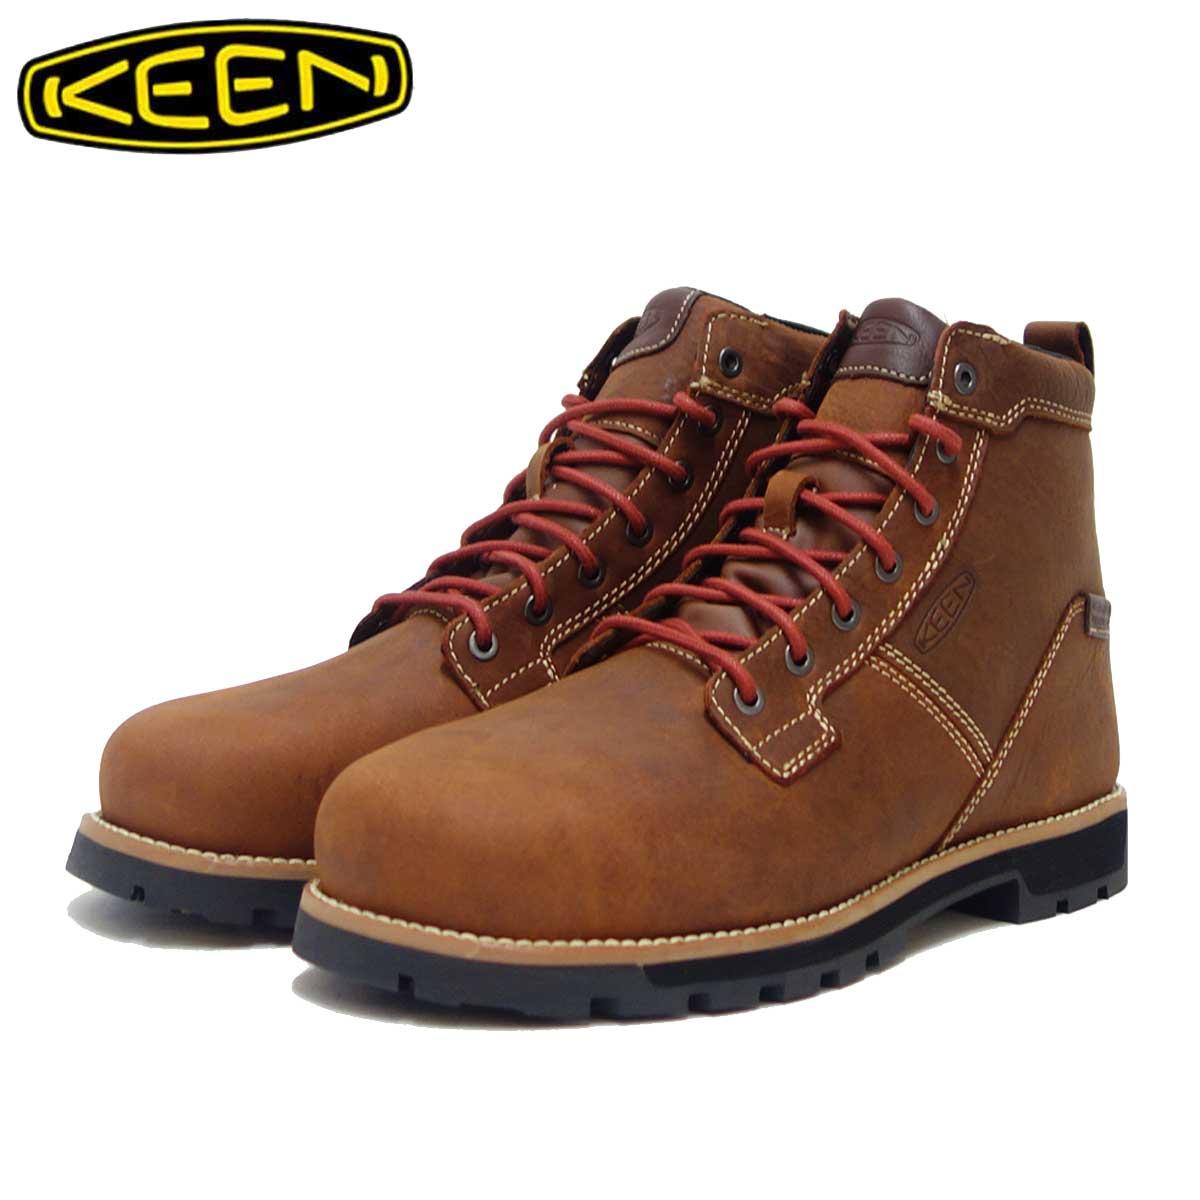 キーン KEEN シアトル シックス エーティー ウォータープルーフ 1020062 Gingerbread/Brick Red(メンズ)工事現場用ワークシューズ 安全靴「靴」